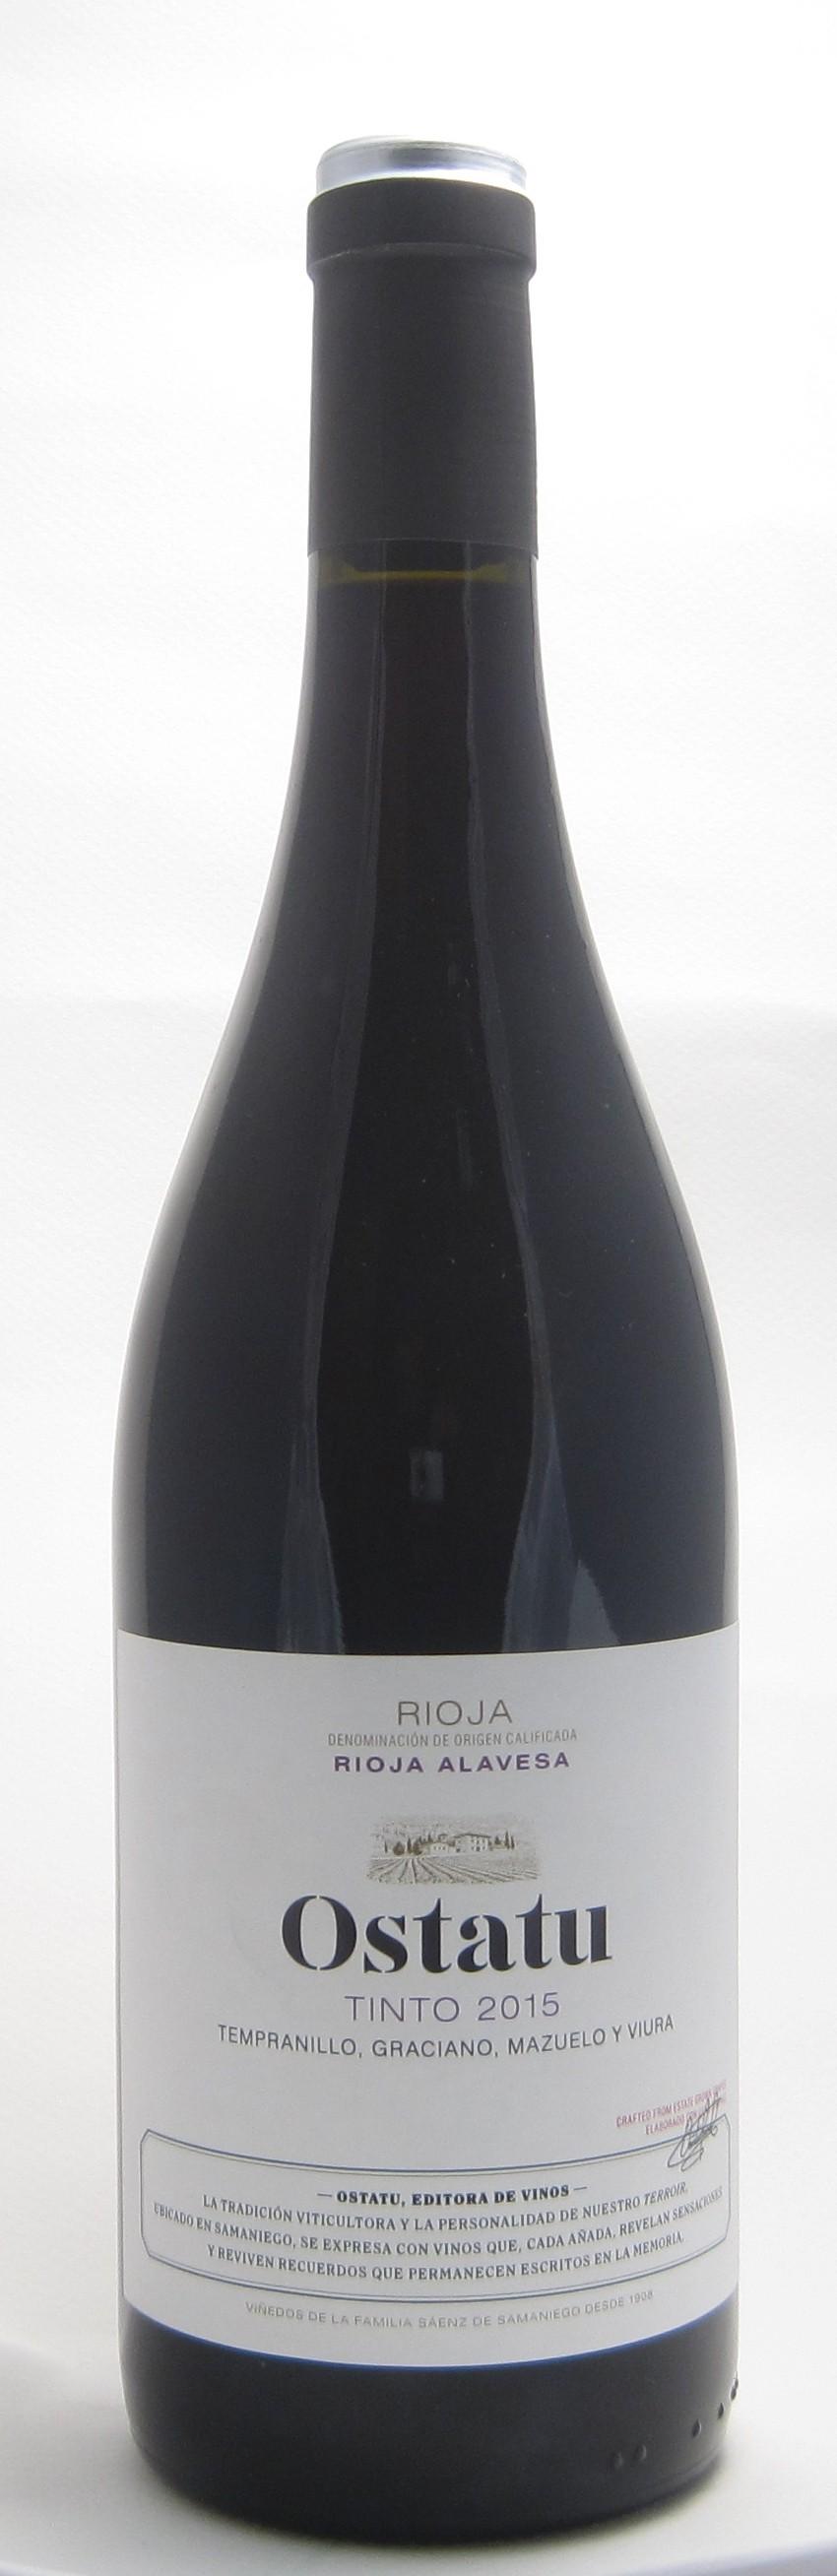 Bodegas Ostatu Rioja Tinto